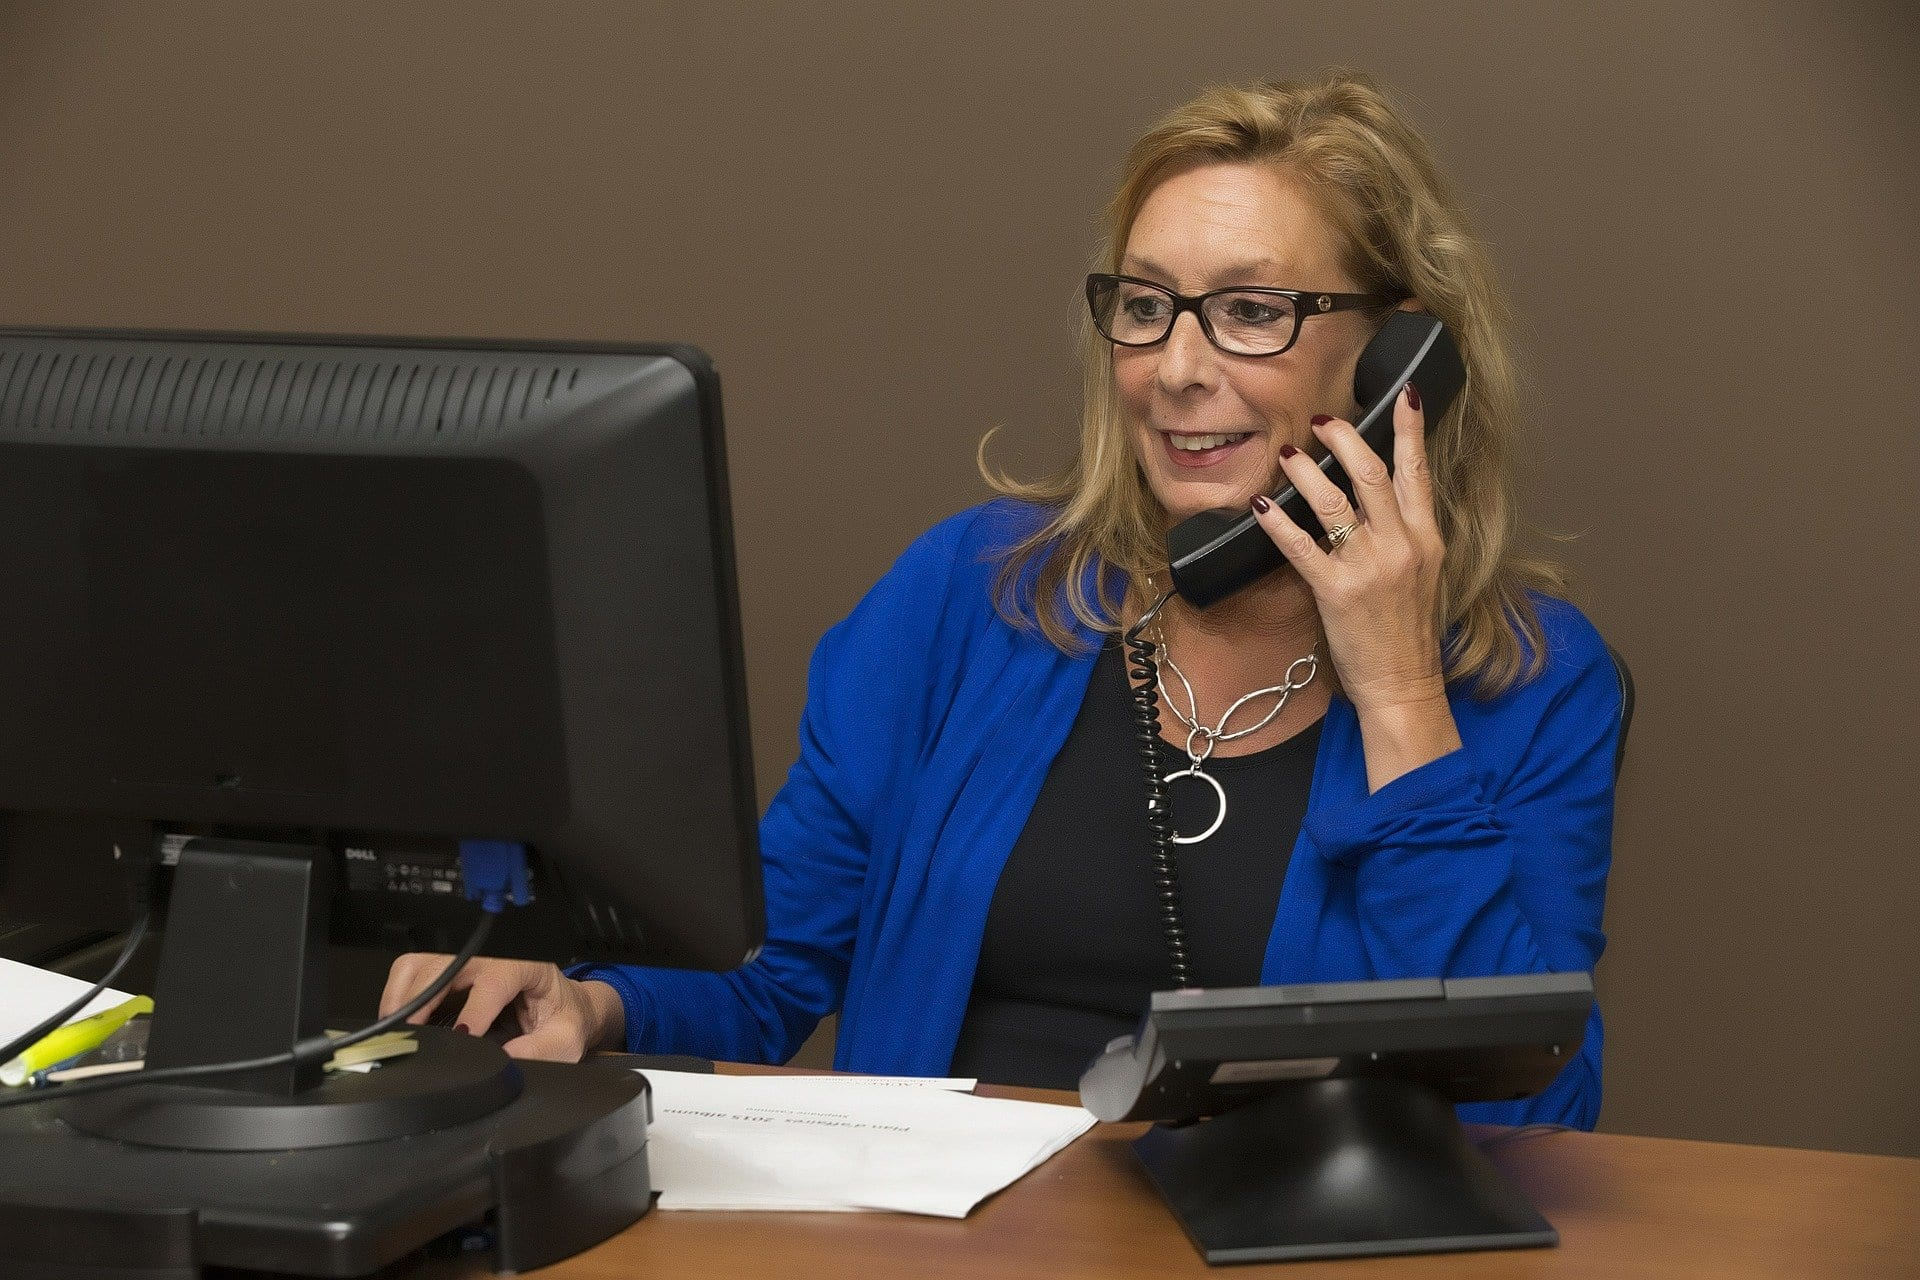 Telefonkonferenz aufnehmen